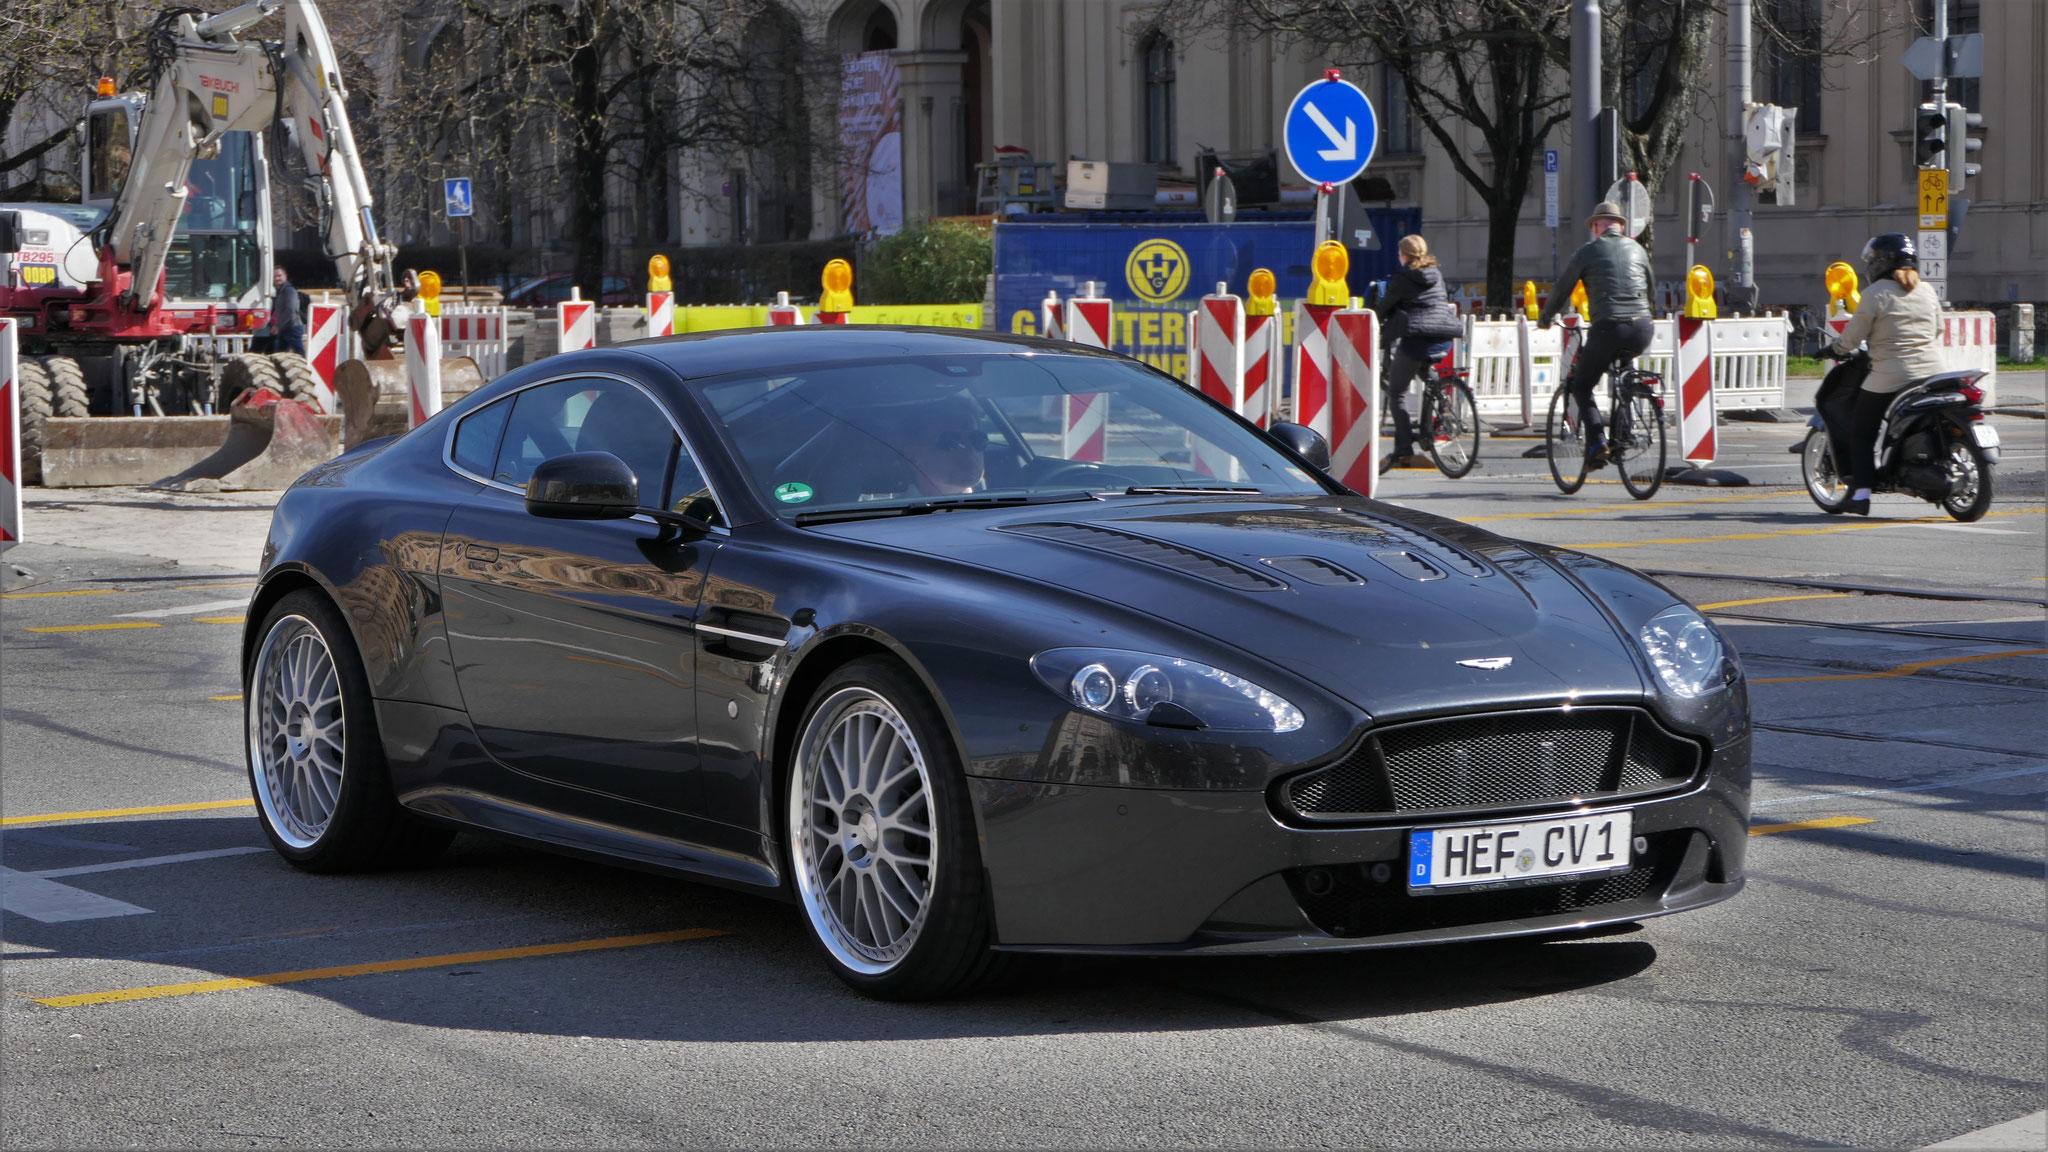 Aston Martin Vantage V12 - HEF-CV-1